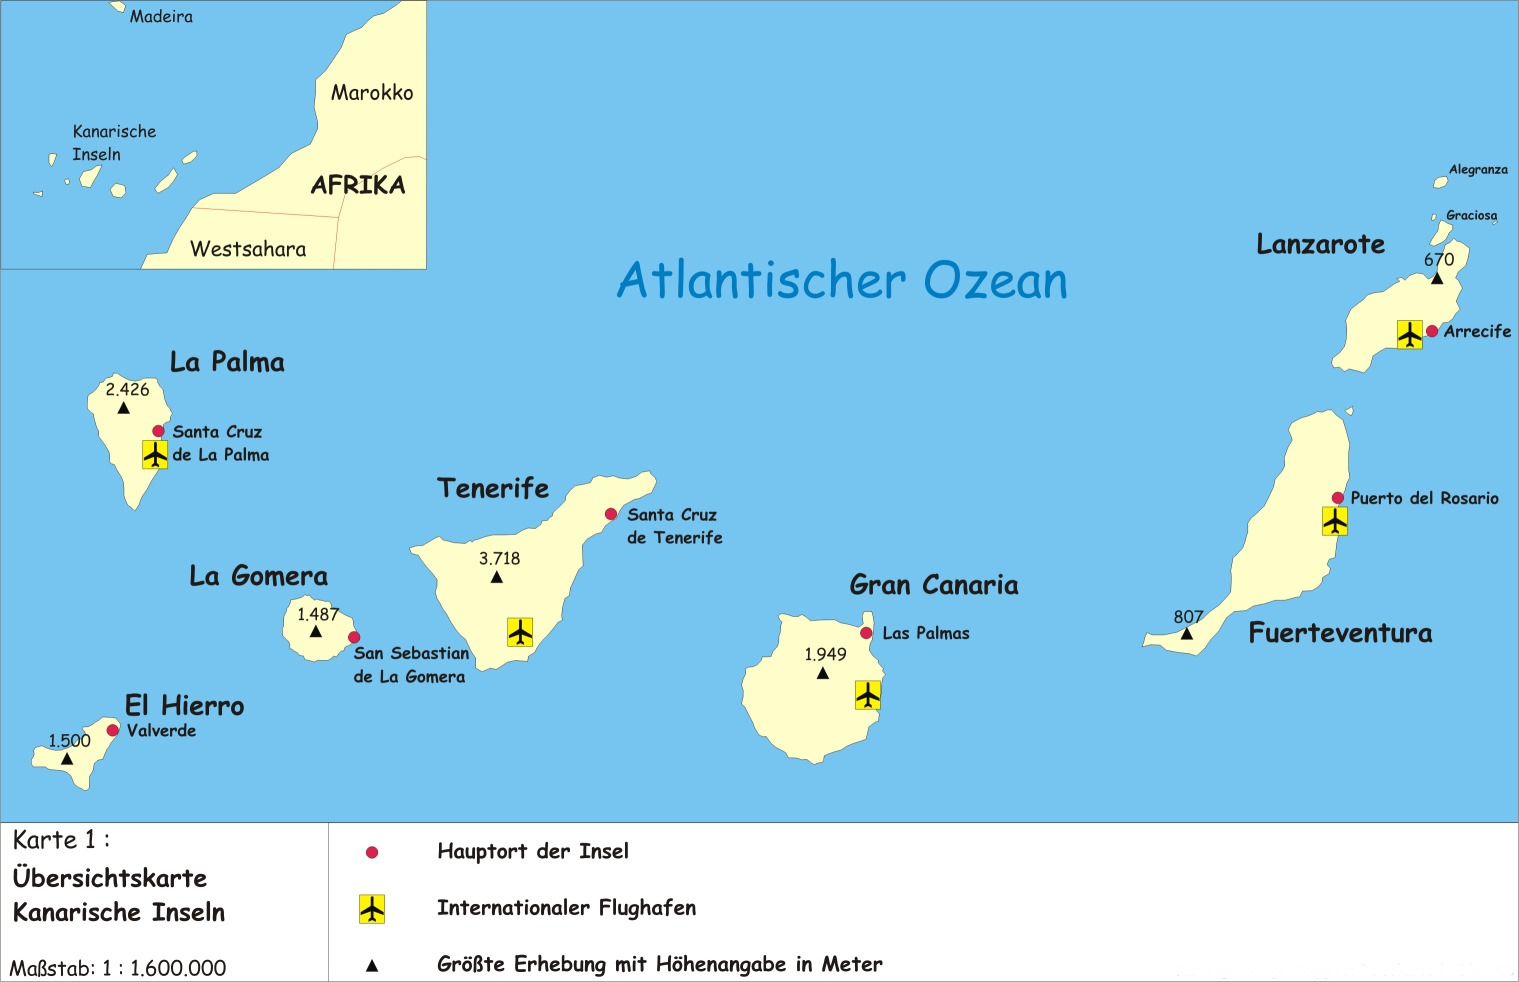 La Palma – Wikipedia